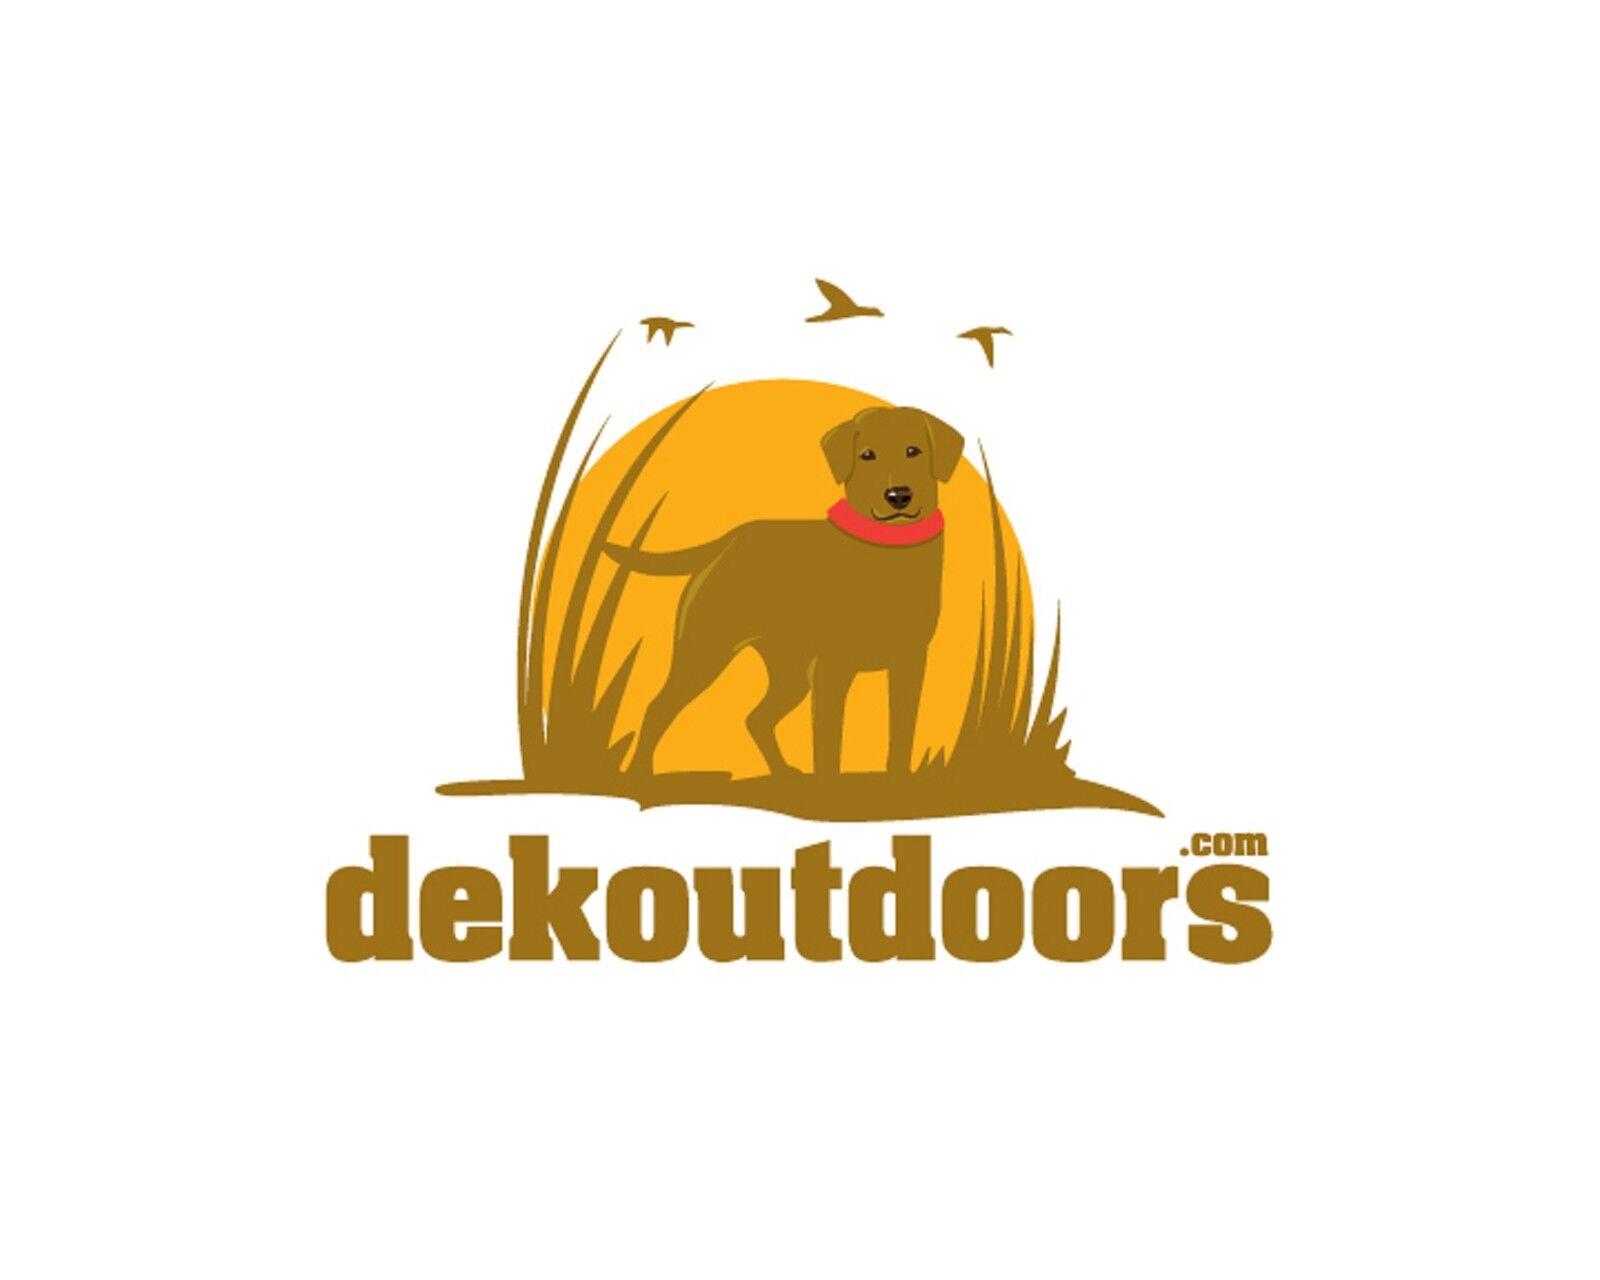 dekoutdoors